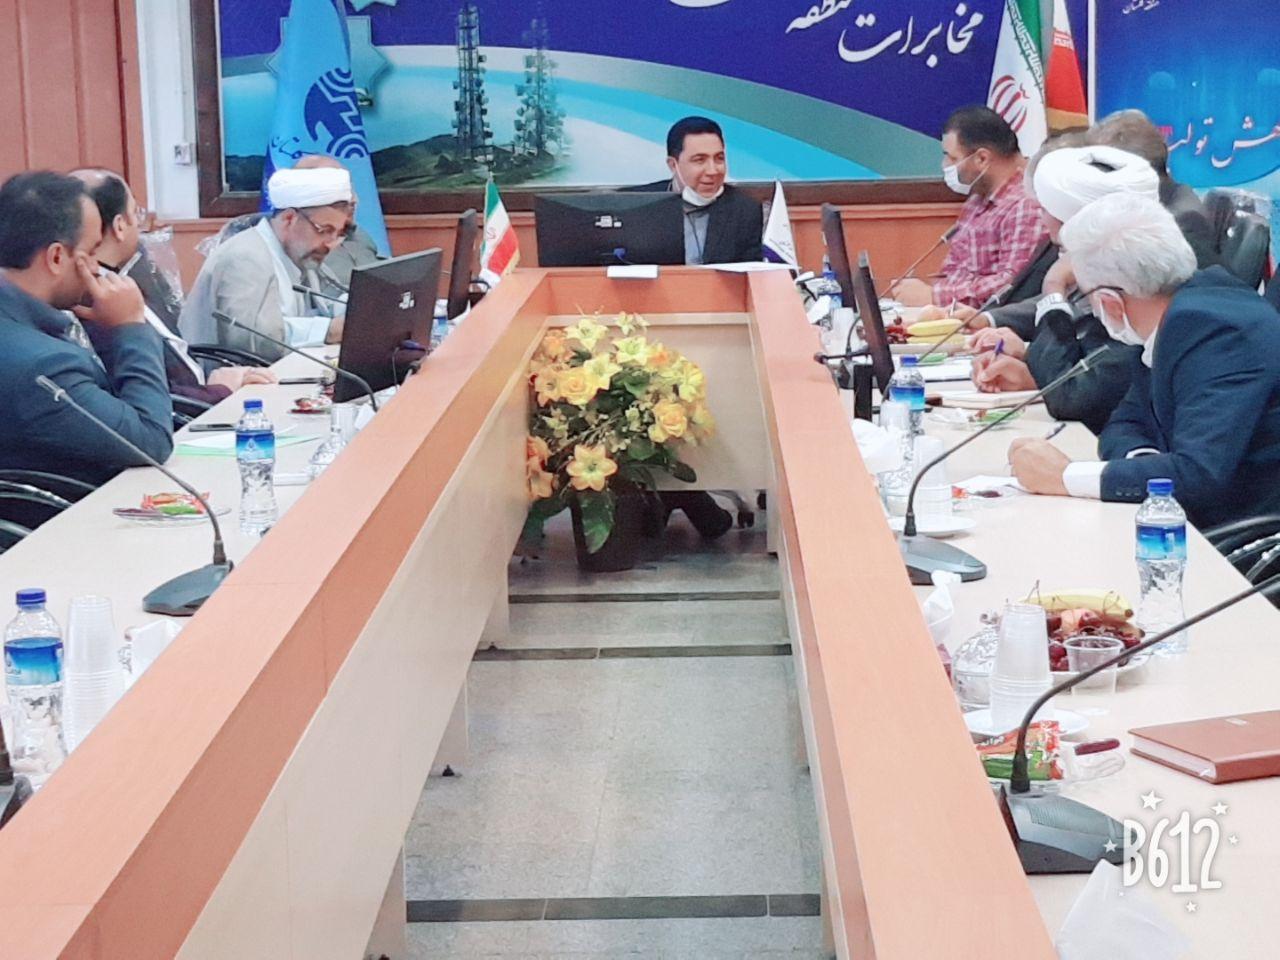 کمیته فرهنگی یادواره شهداء کارمند استان گلستان تشکیل شد